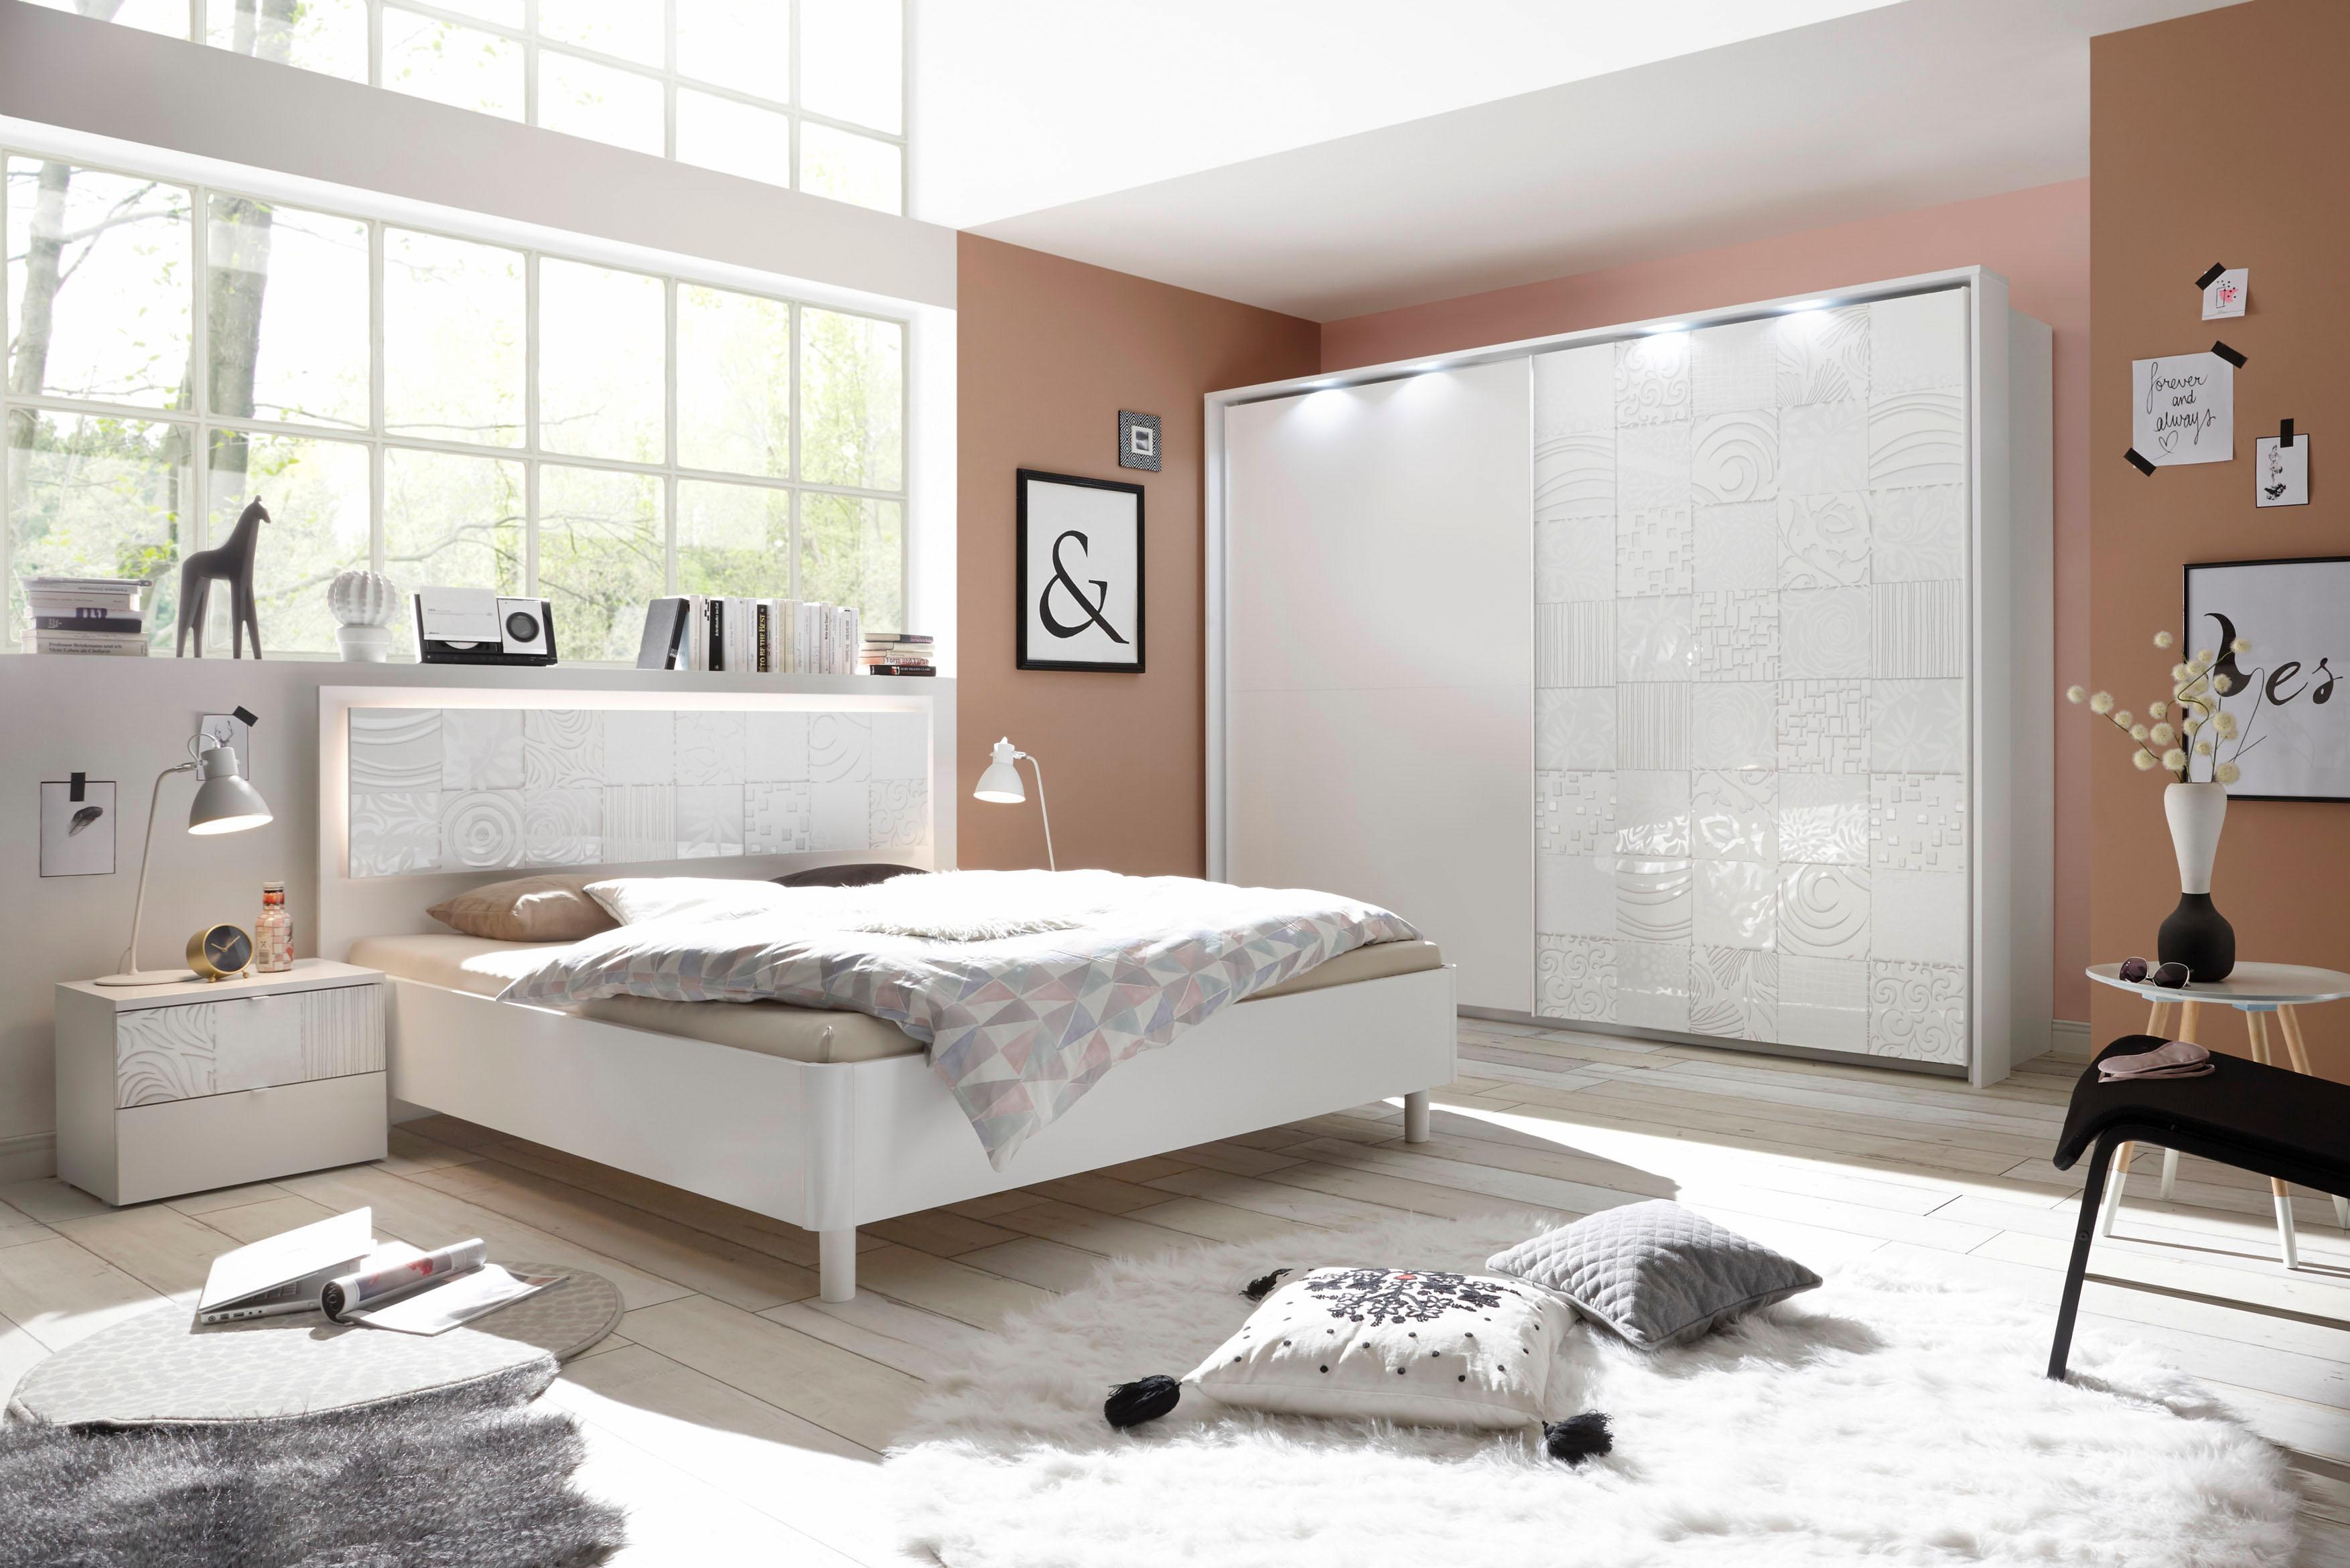 LC Schlafzimmer-Set Miro (Set 4-tlg) | Schlafzimmer > Komplett-Schlafzimmer | Weiß | Lc